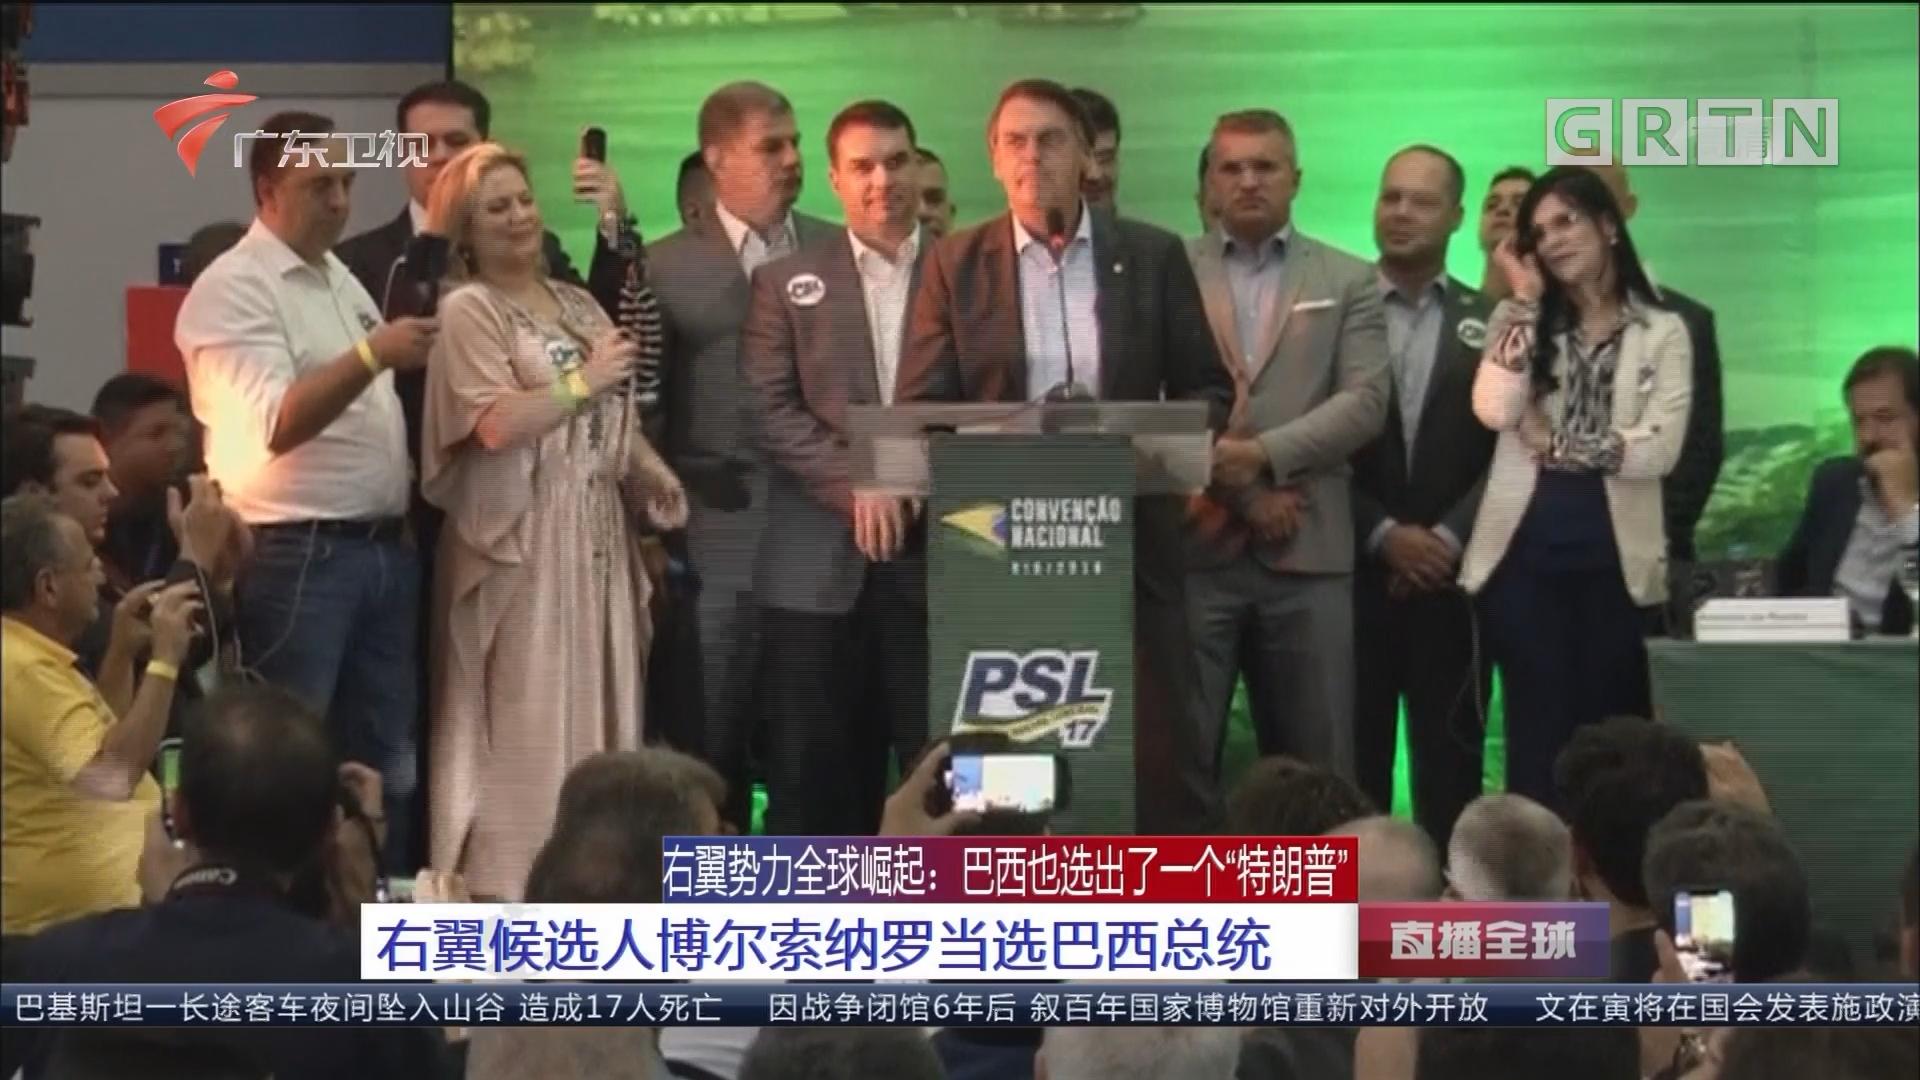 """右翼势力全球崛起:巴西也选出了一个""""特朗普"""" 右翼候选人博尔索纳罗当选巴西总统"""